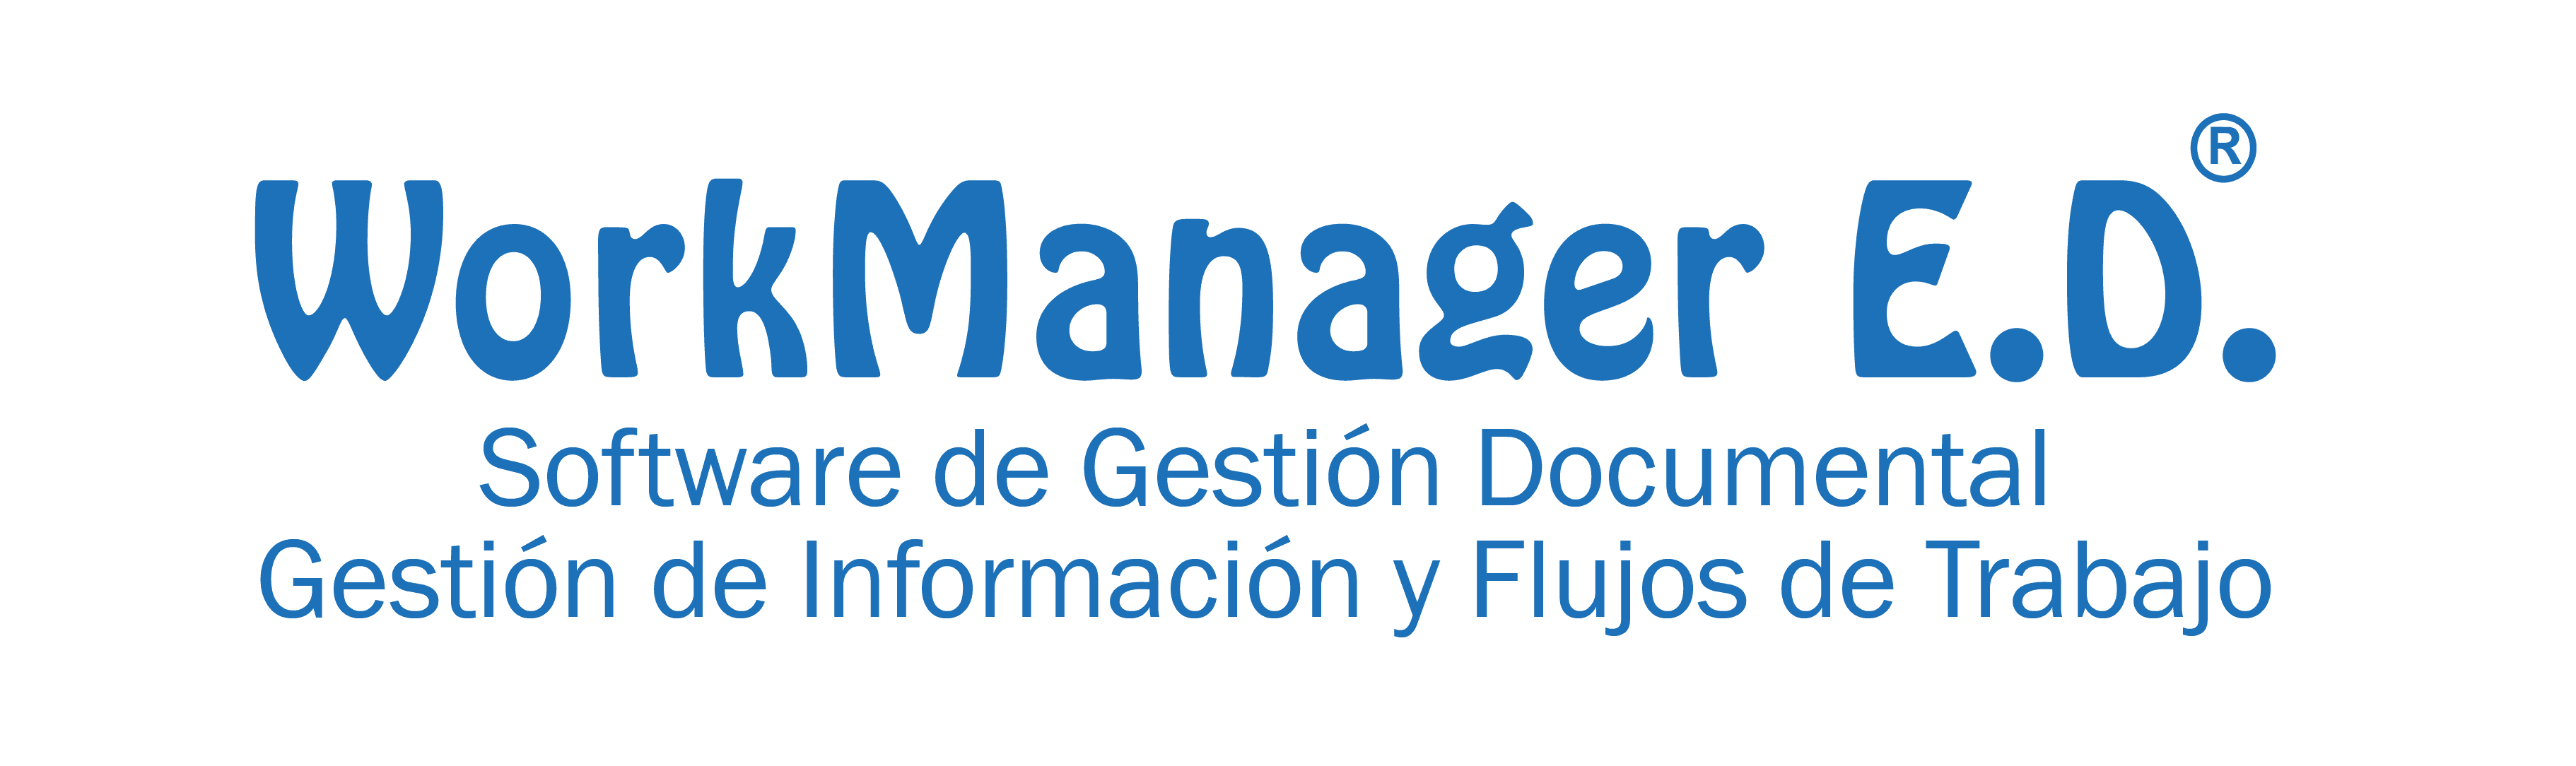 - Implementación del SGDEA (Sistema de Gestión de Documentos Electrónicos y de Archivos)